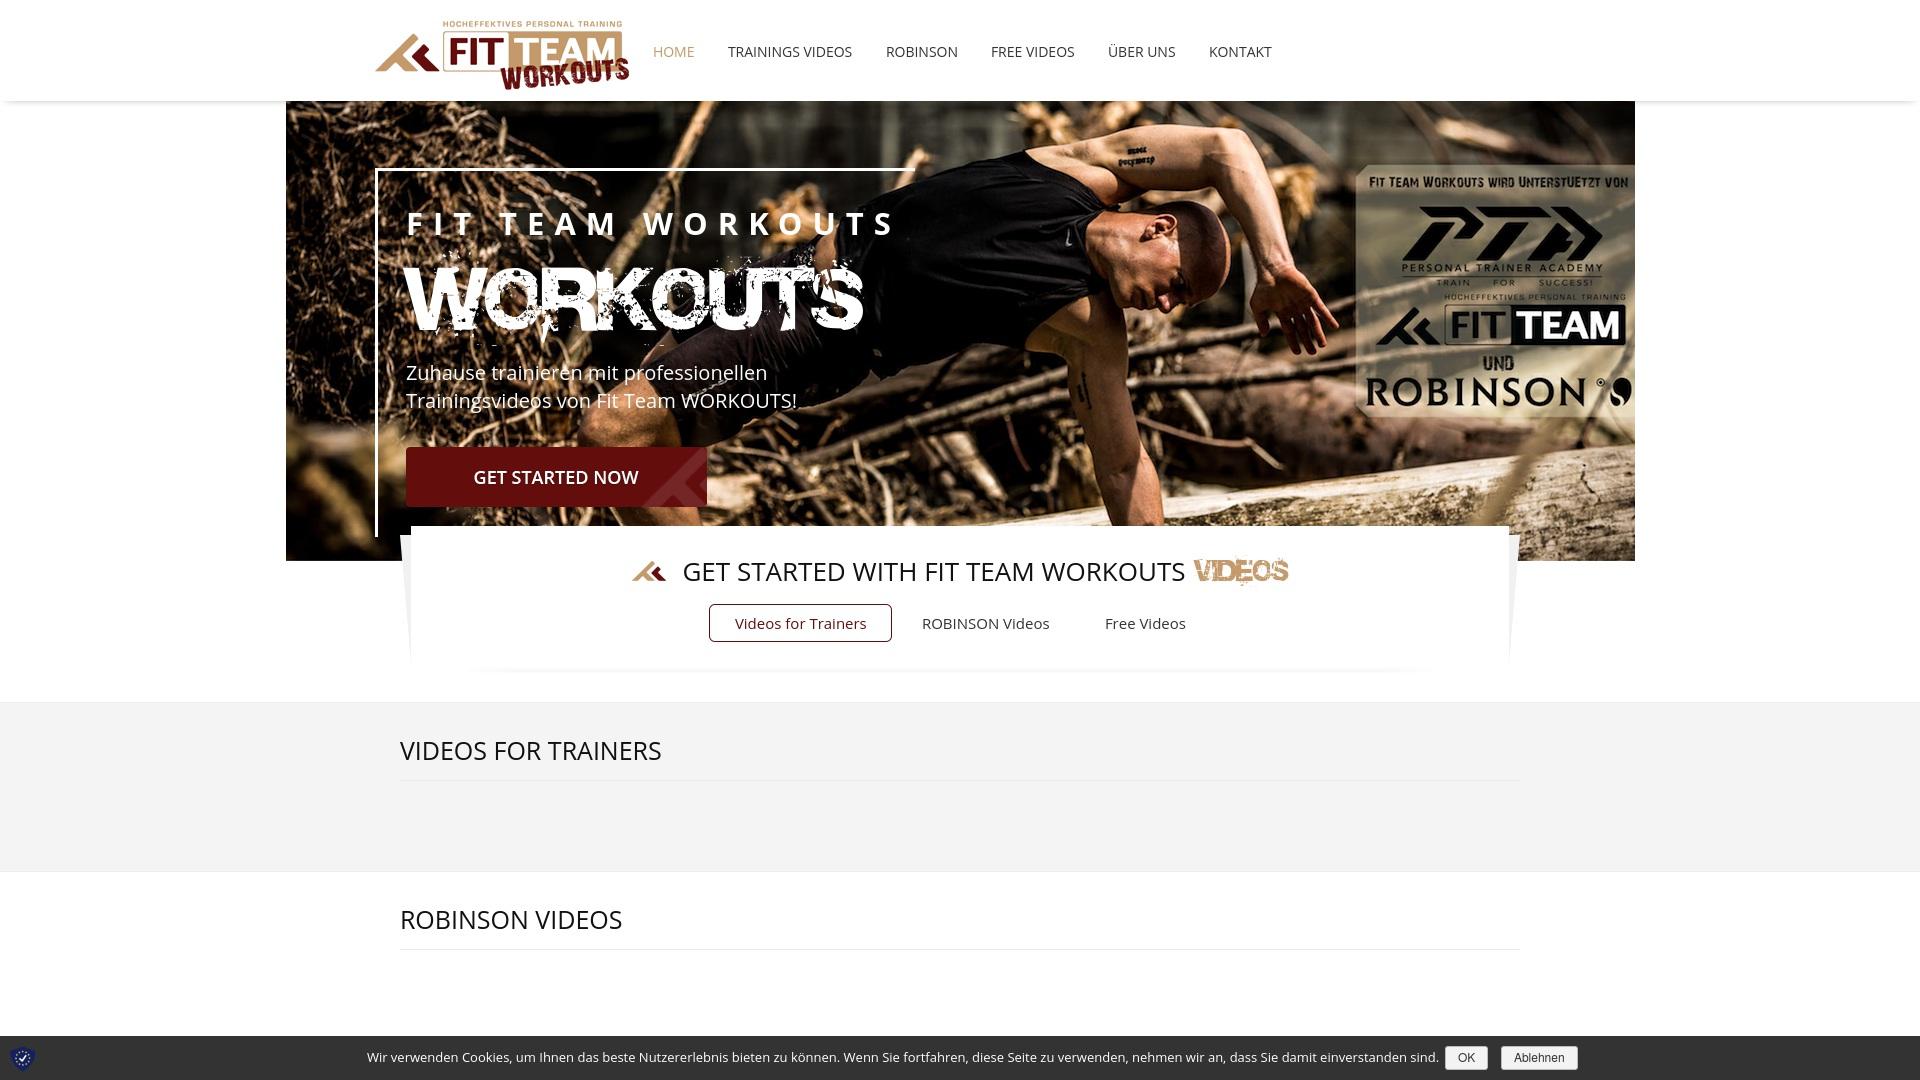 Gutschein für Fitteam-workouts: Rabatte für  Fitteam-workouts sichern